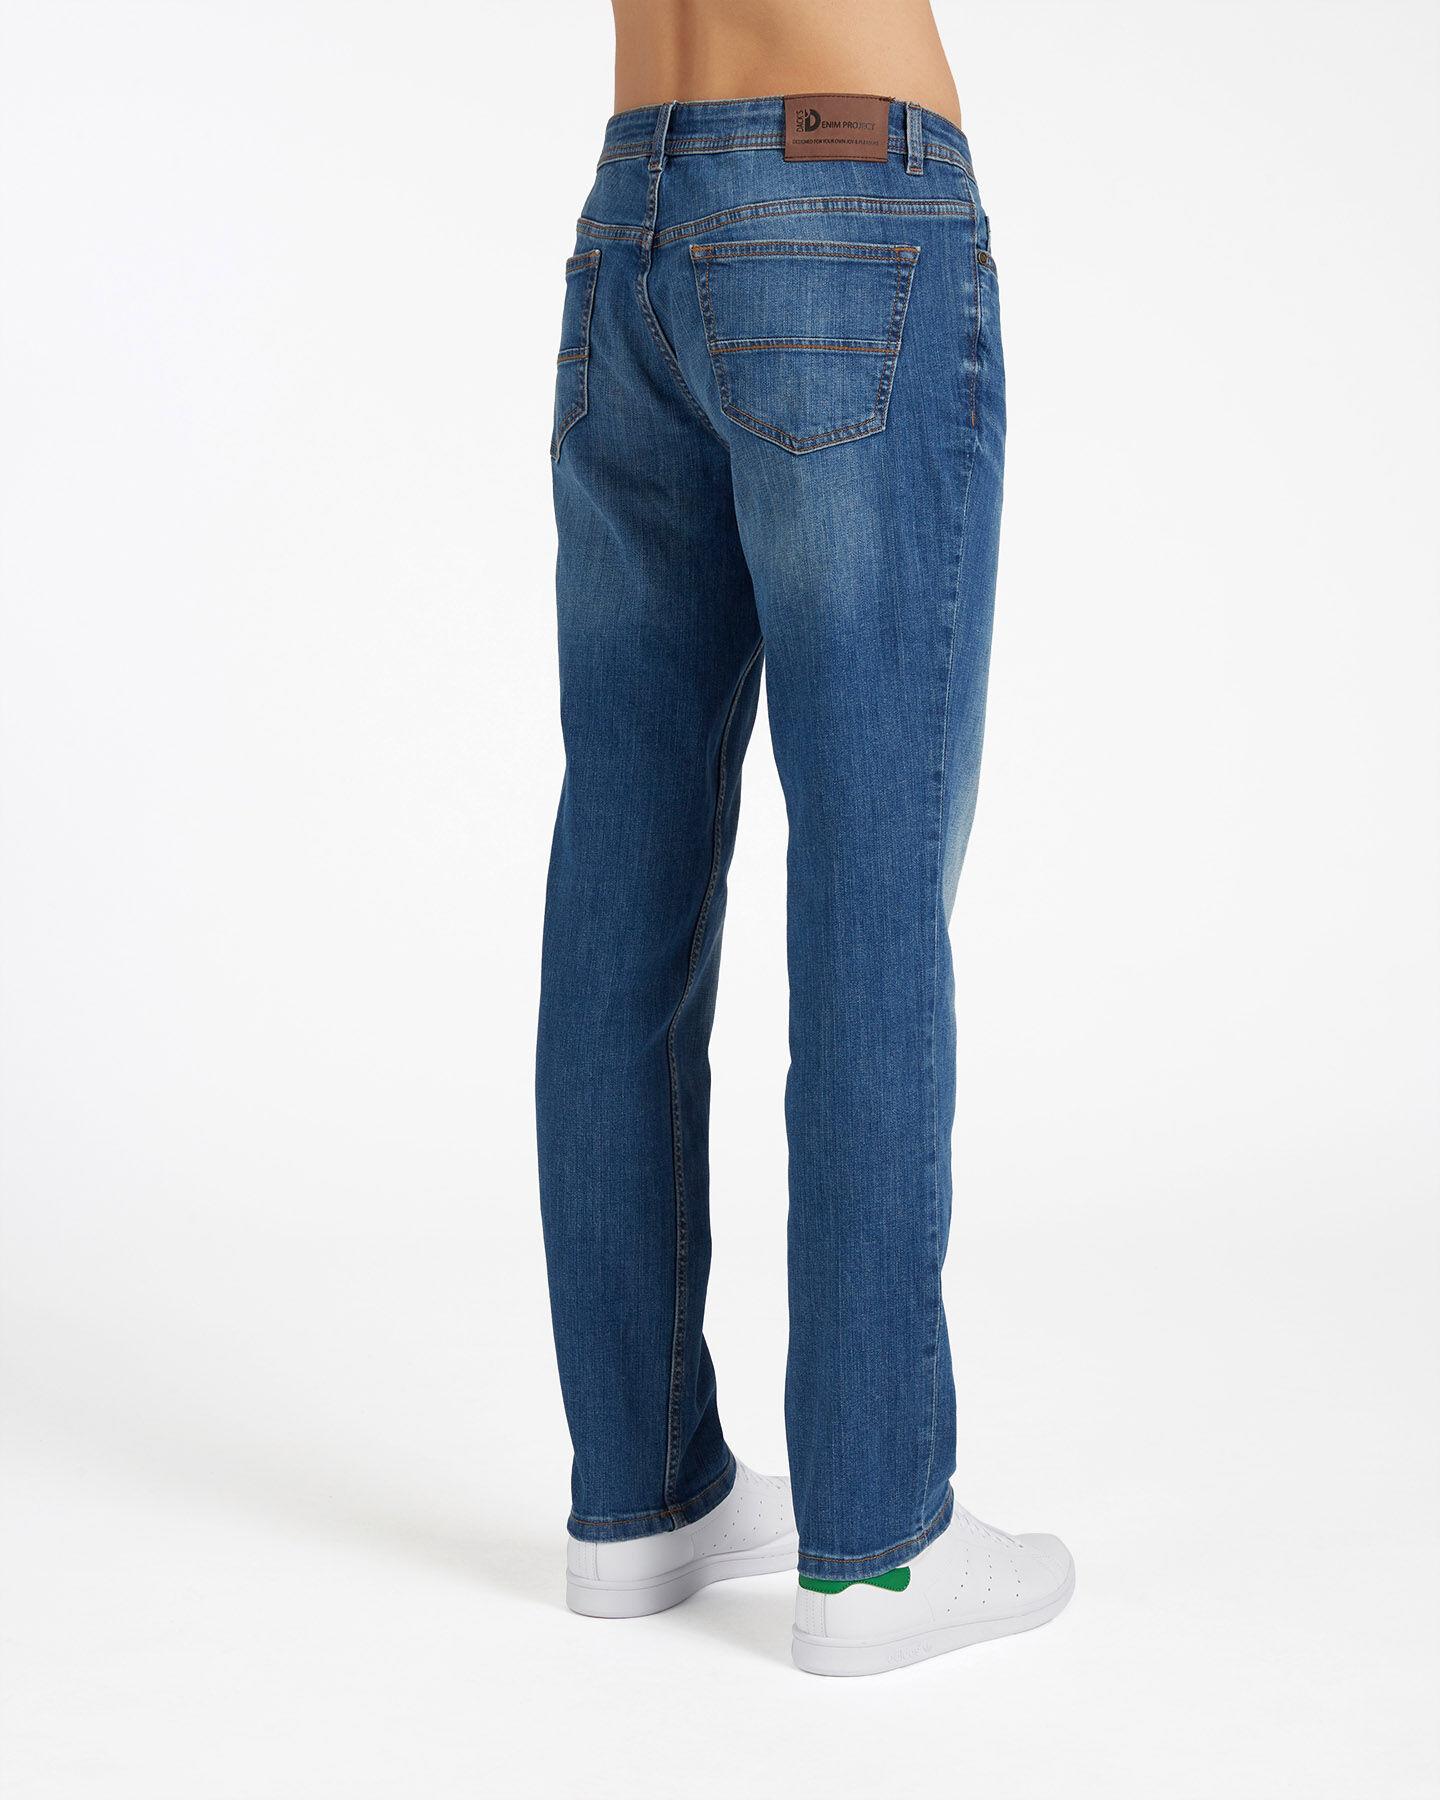 Jeans DACK'S SLIM M S4086878 scatto 1